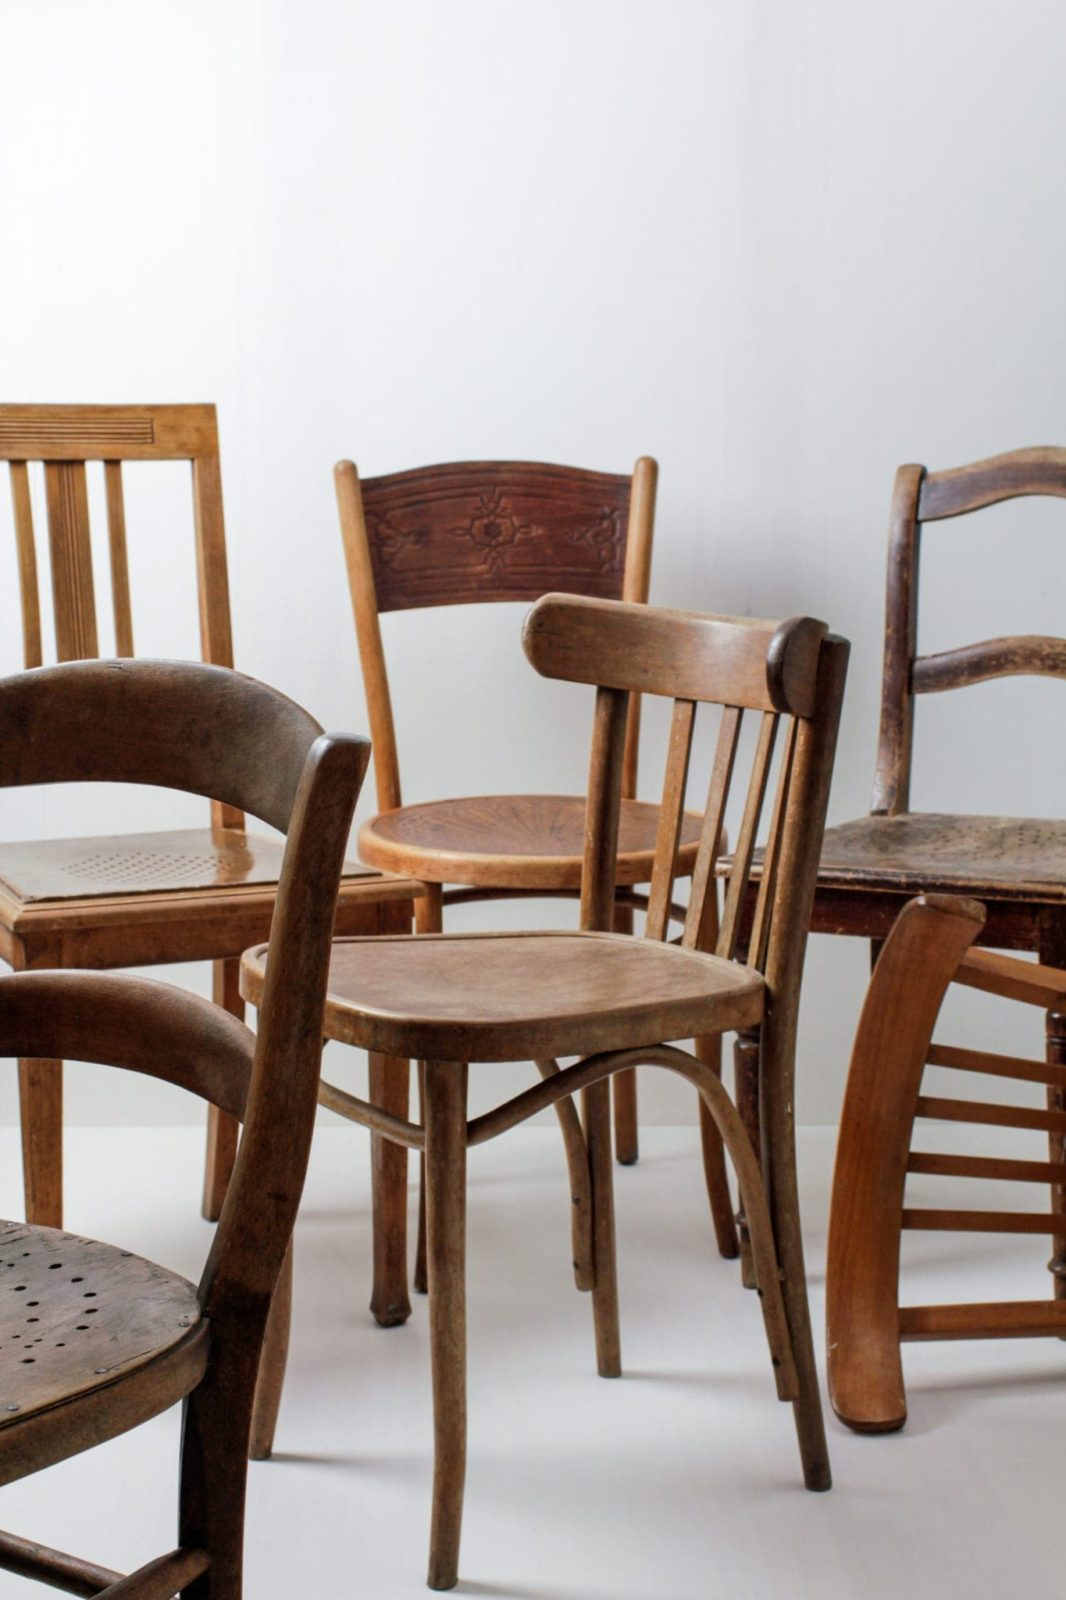 Holzstühle Carlos Vintage - Braun Mismatching | Verschiedene vintage Stühle in dunklen Brauntönen. | gotvintage Rental & Event Design